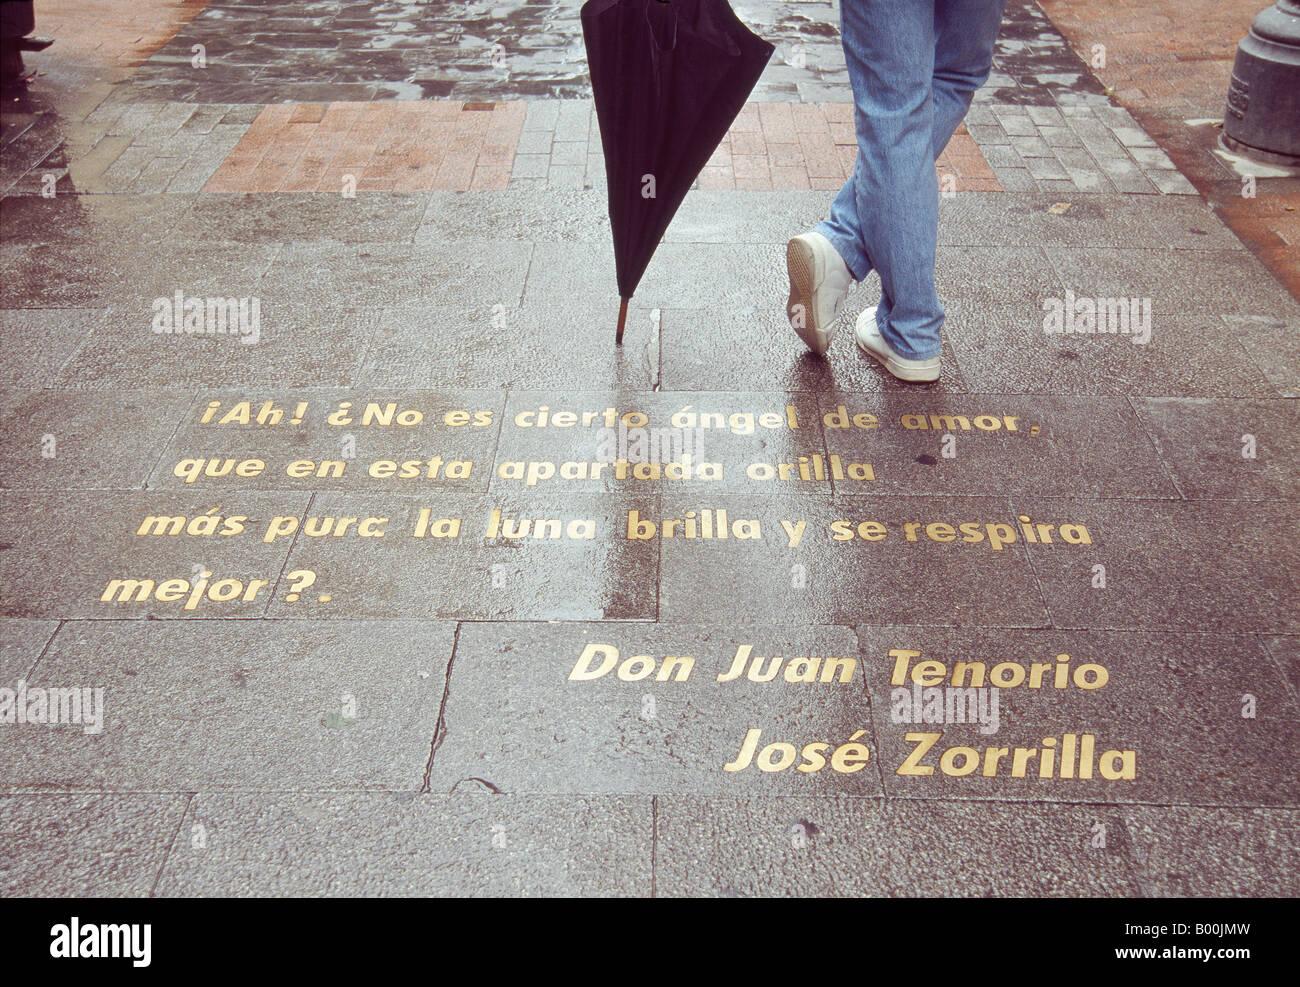 Detalle de la calle Huertas. Paso de Don Juan Tenorio escrito sobre el pavimento. Barrio de las letras. Madrid. Imagen De Stock